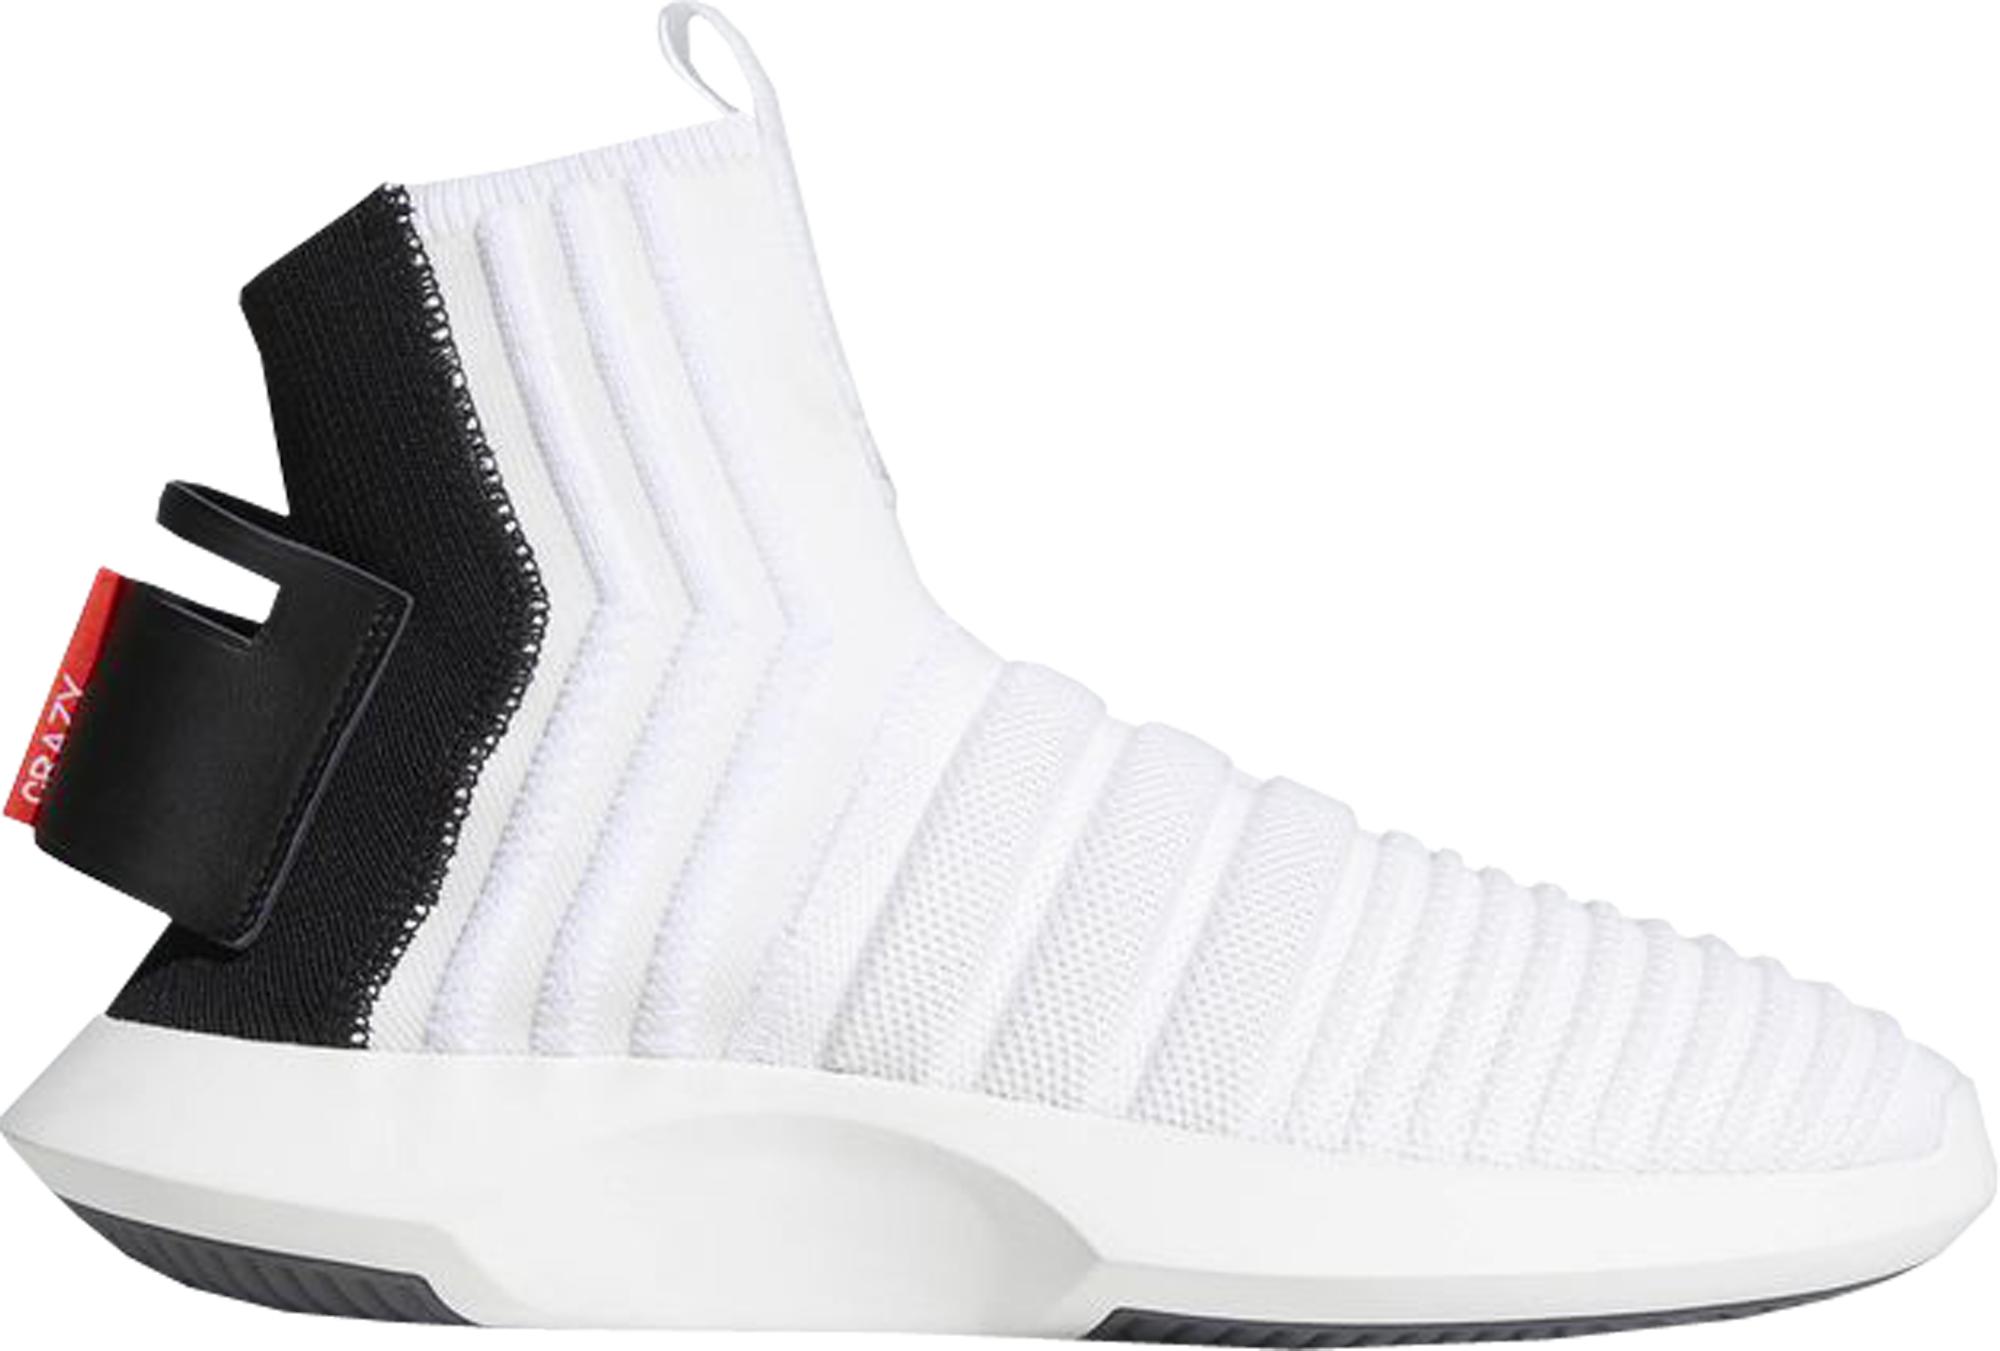 Adidas folle avanzata calzino bianco rosso cq0985 1